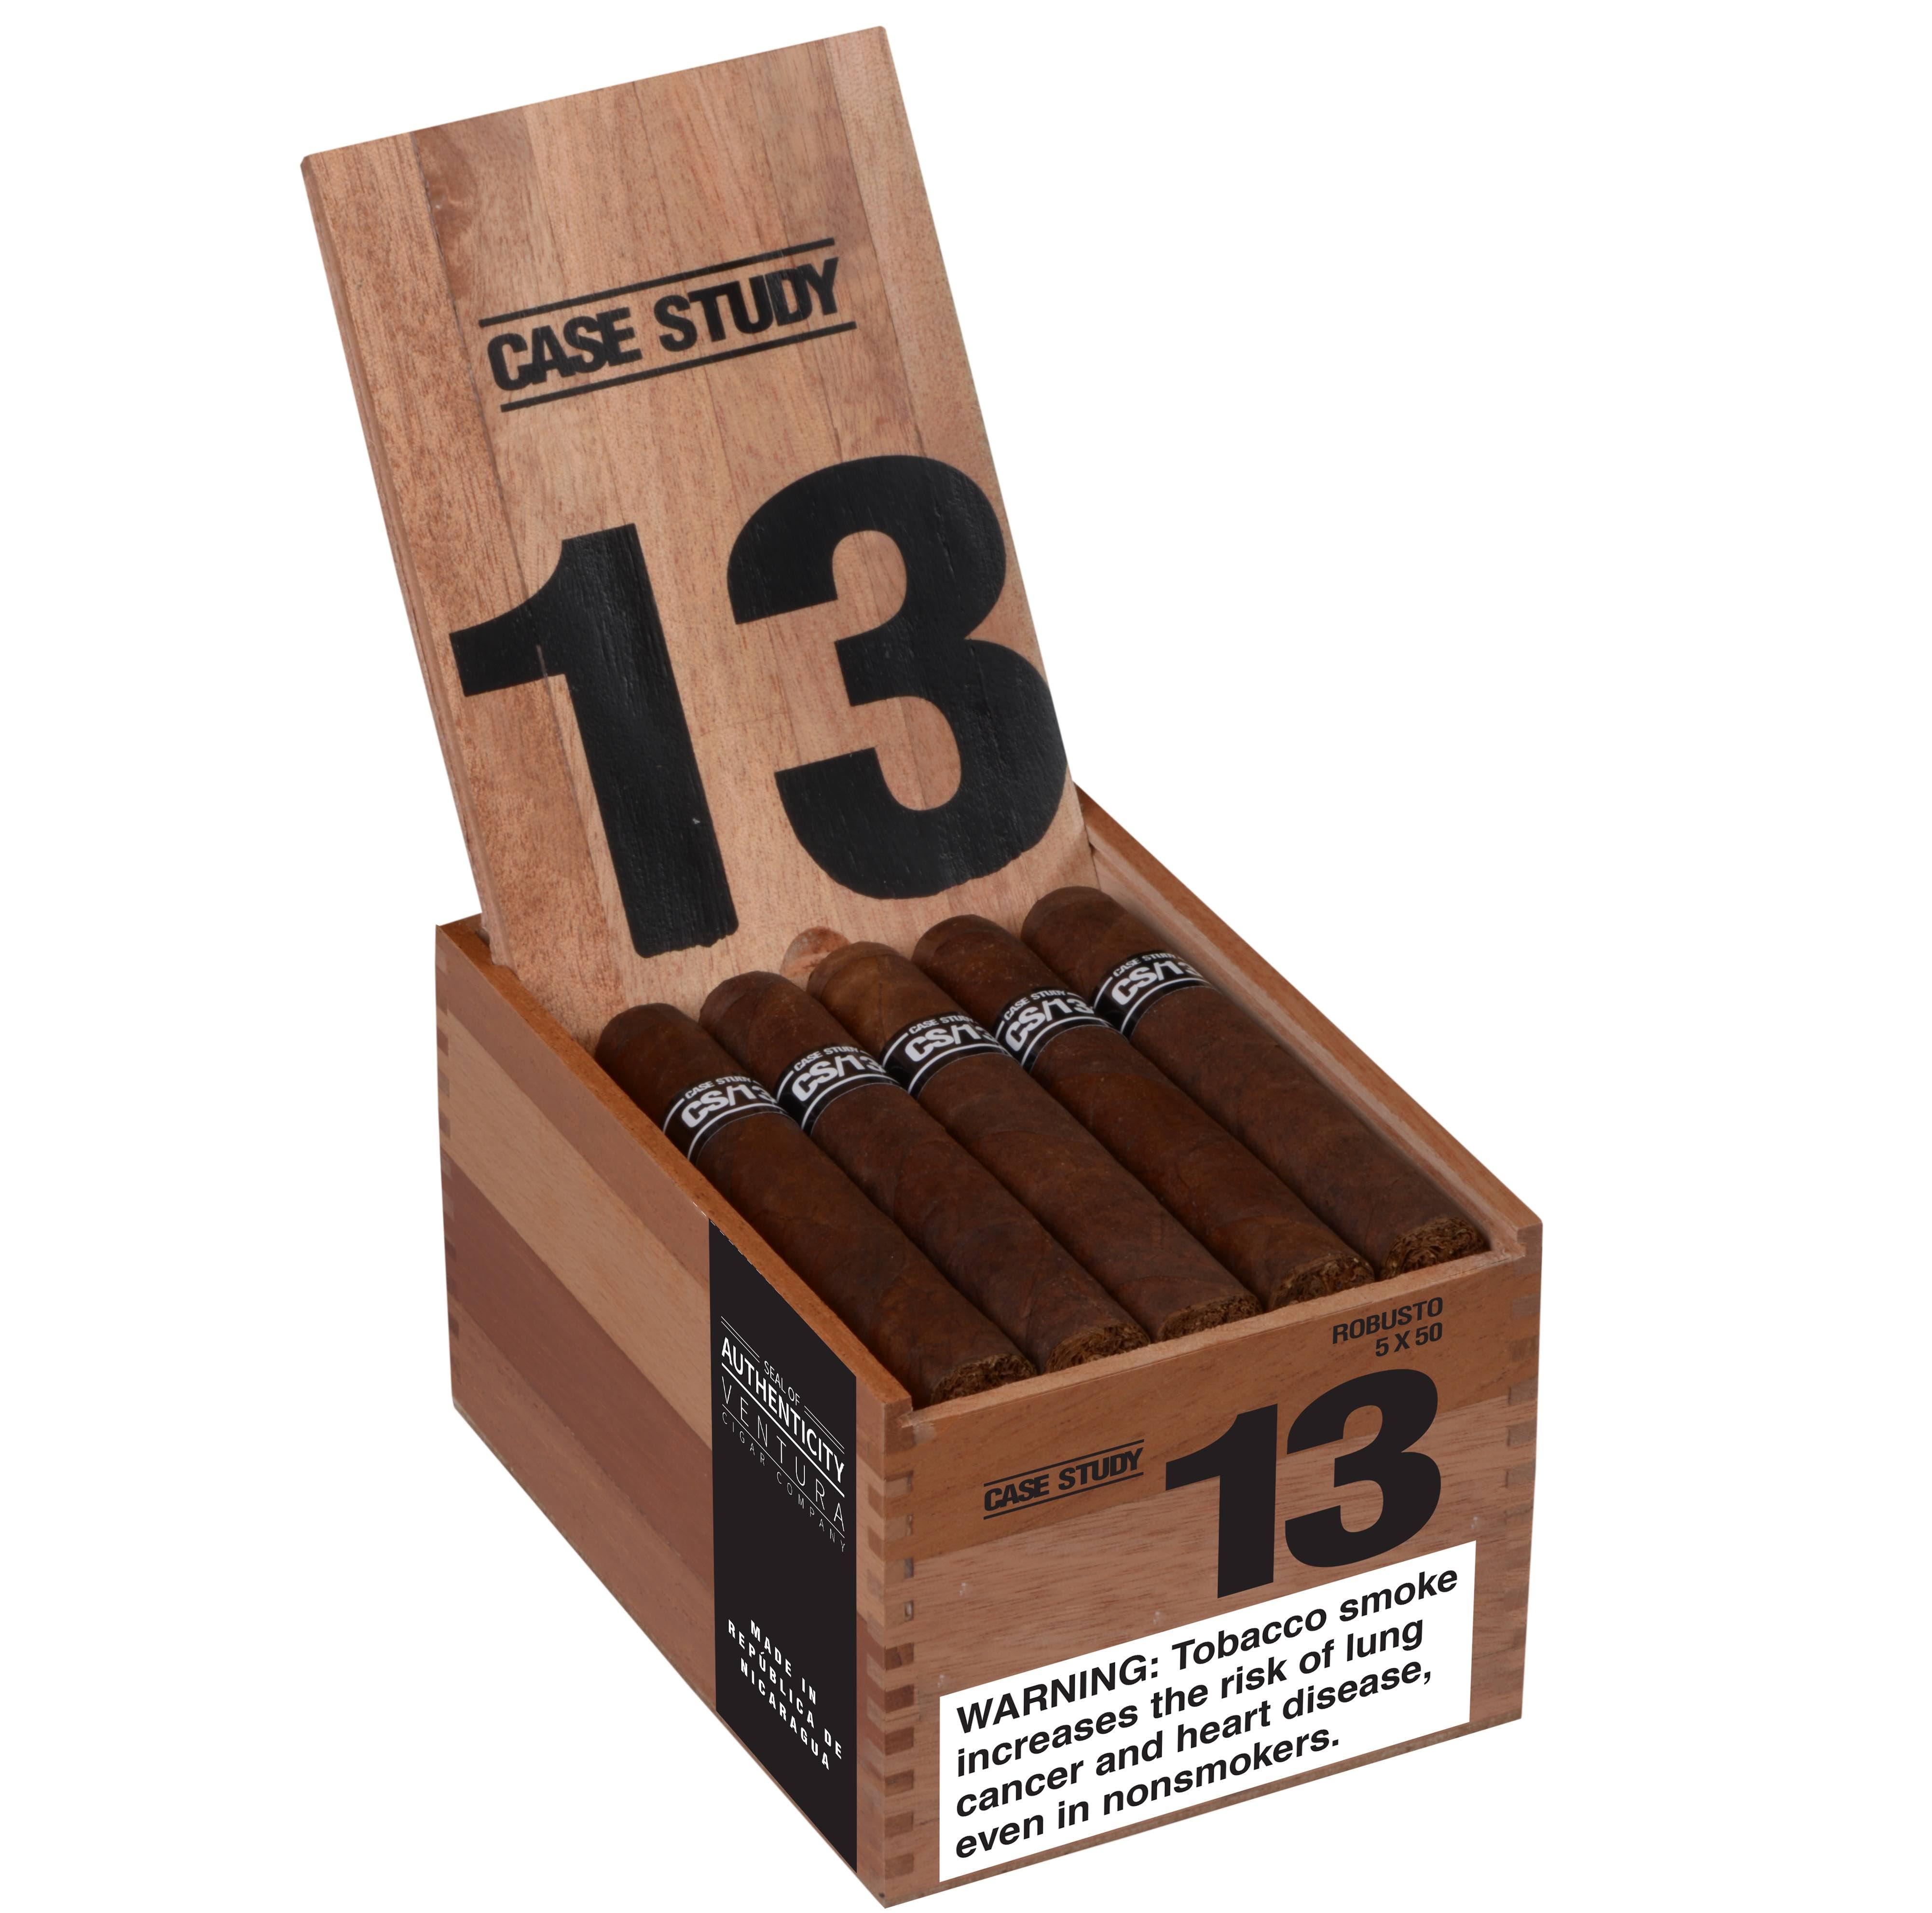 Cigar News: Ventura Cigar Company Launches Case Study CS/13  at 2018 IPCPR